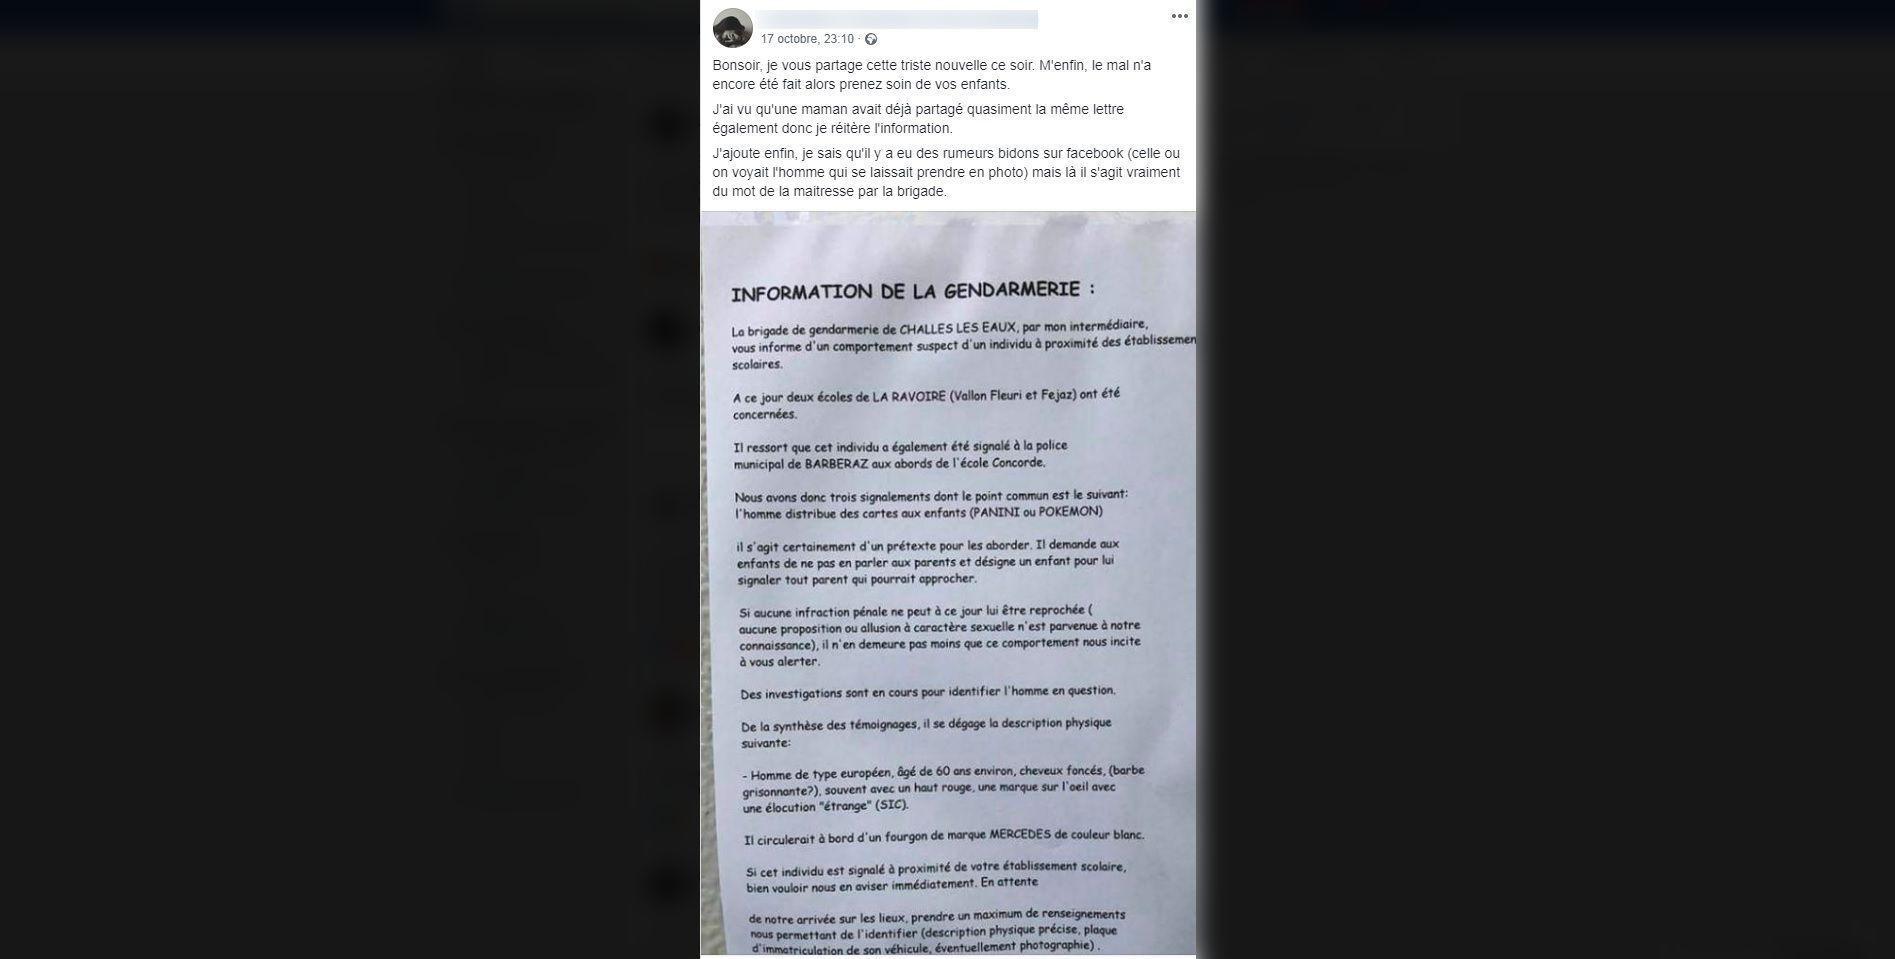 Une internaute a relayé un document de la gendarmerie, le 17 octobre 2019, à propos d'un individu au comportement suspect aperçu devant des écoles de La Ravoire et Barberaz. (capture d'écran Facebook)